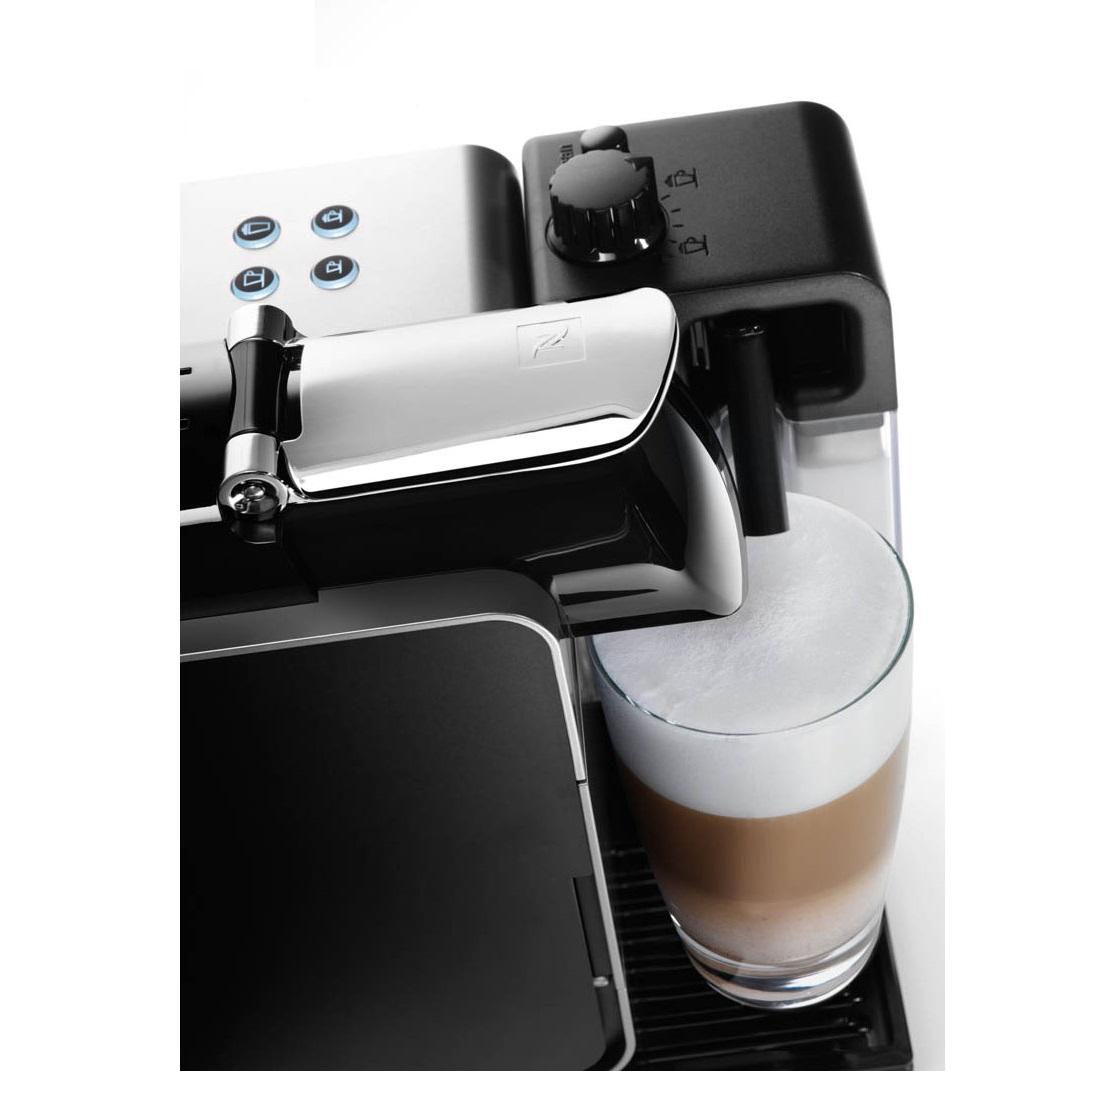 DeLonghi Nespresso Lattissima Plus EN520.W Capsules Machine White Around The Clock Offers